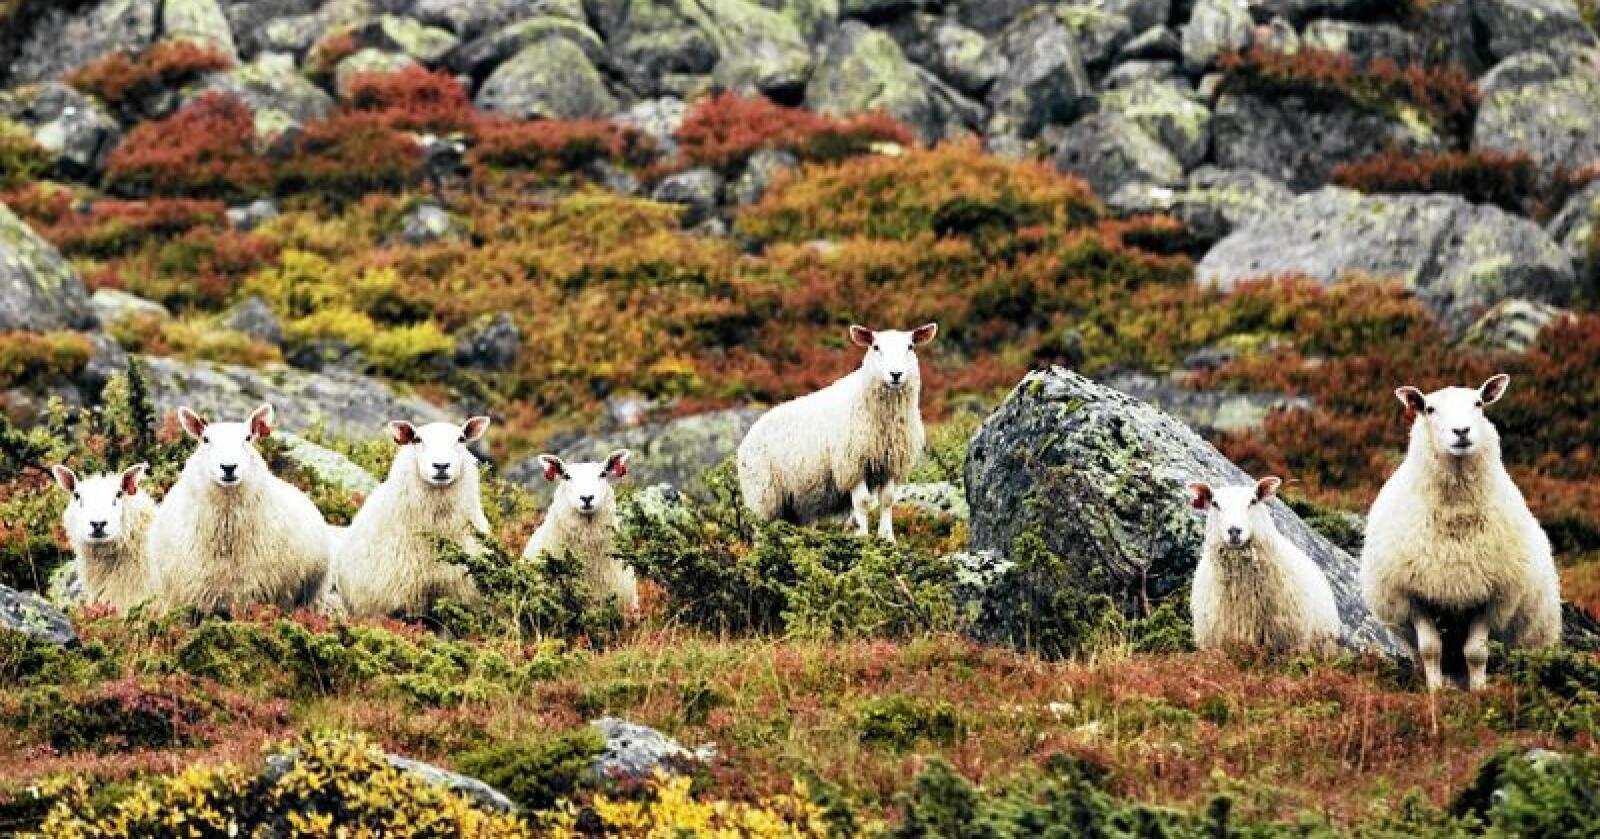 Soya-kraftfôr gjør norske sauer mer klimaeffektive på papiret, men det er ikke bærekraftig i lengden, skriver kronikkforfatteren. Foto: Kyrre Lien / NTB Scanpix